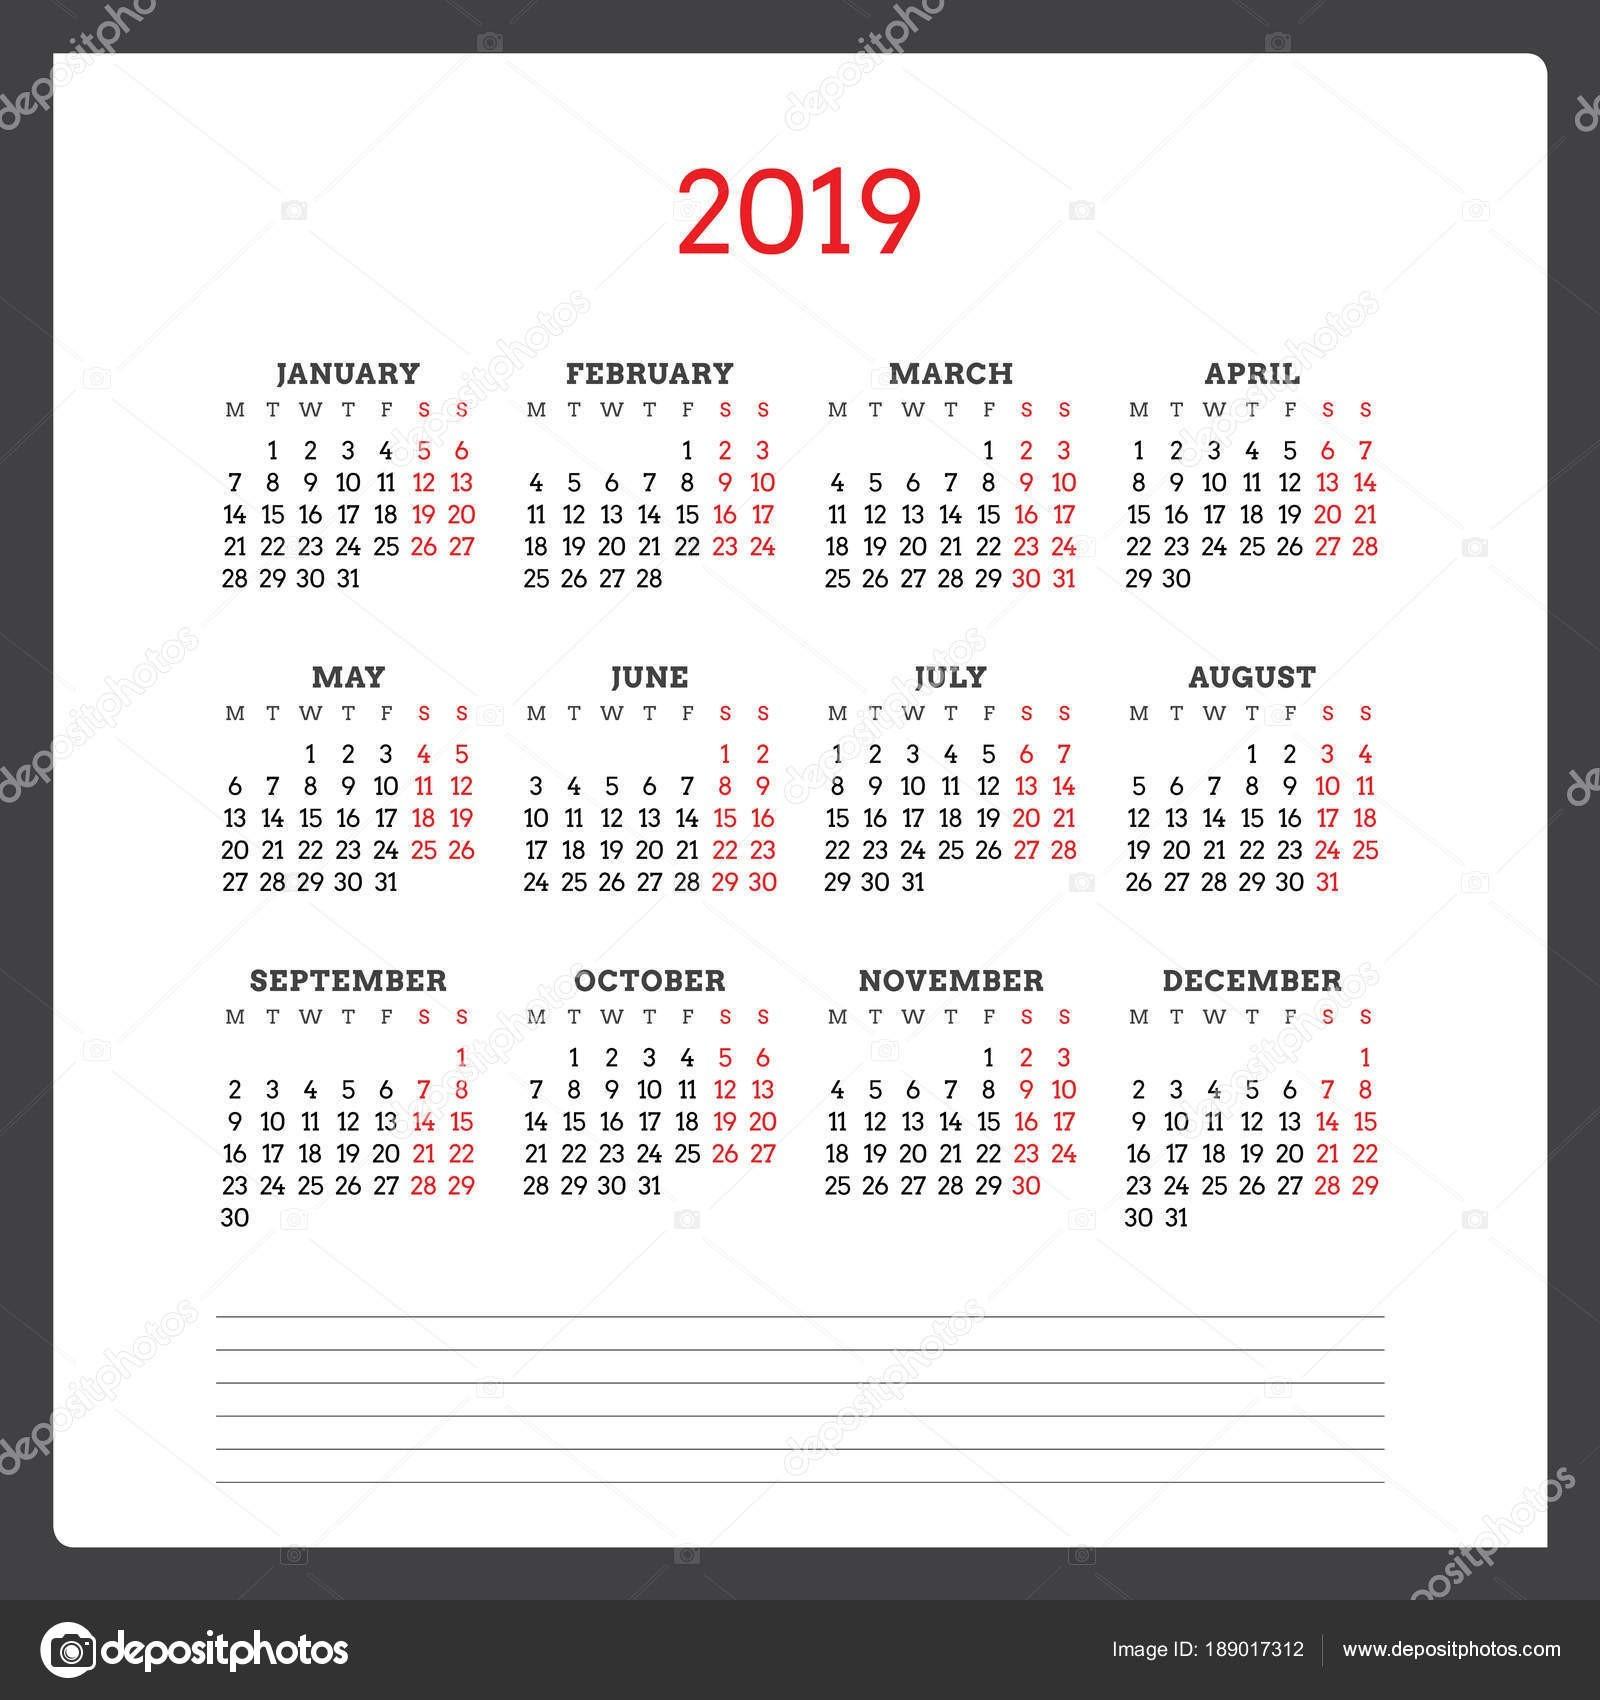 Calendario 2018 Y 2019 Colombia Con Festivos Y Semana Santa Más Recientemente Liberado Este Es Sin Duda Calendario 2019 Imprimir Portugues Of Calendario 2018 Y 2019 Colombia Con Festivos Y Semana Santa Más Reciente Este Es Sin Duda Calendario 2019 Imprimir Portugues